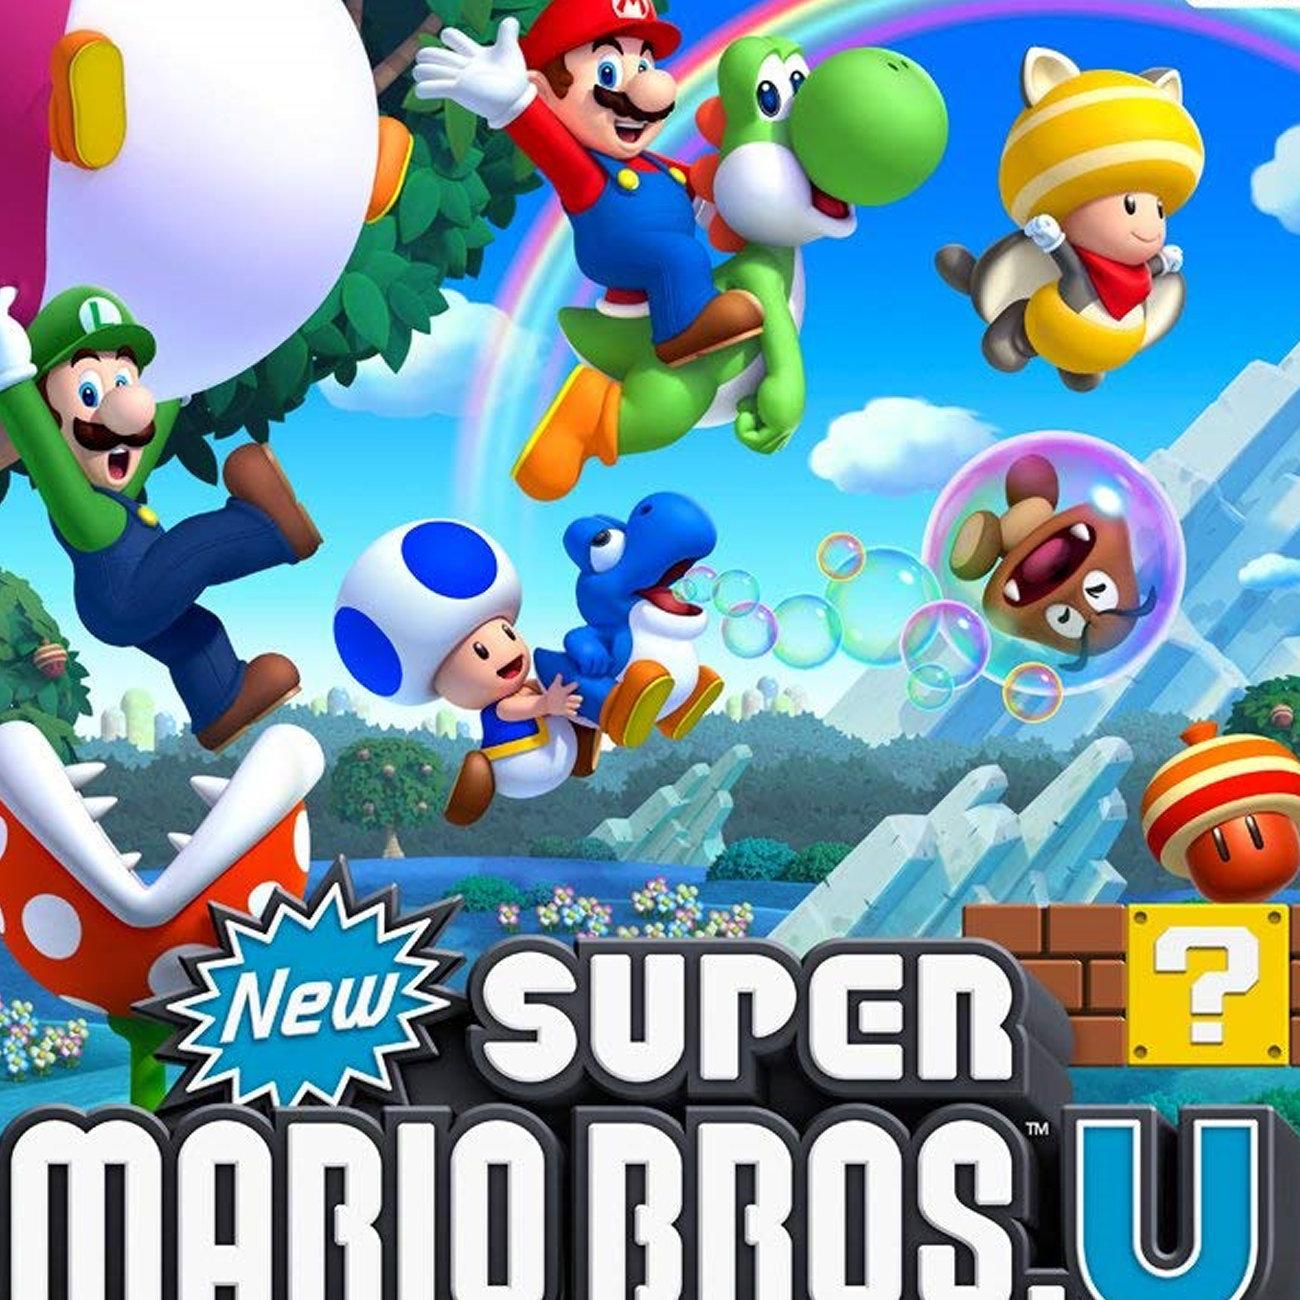 New スーパーマリオブラザーズ、ニンテンドースイッチ。WiiUのDX